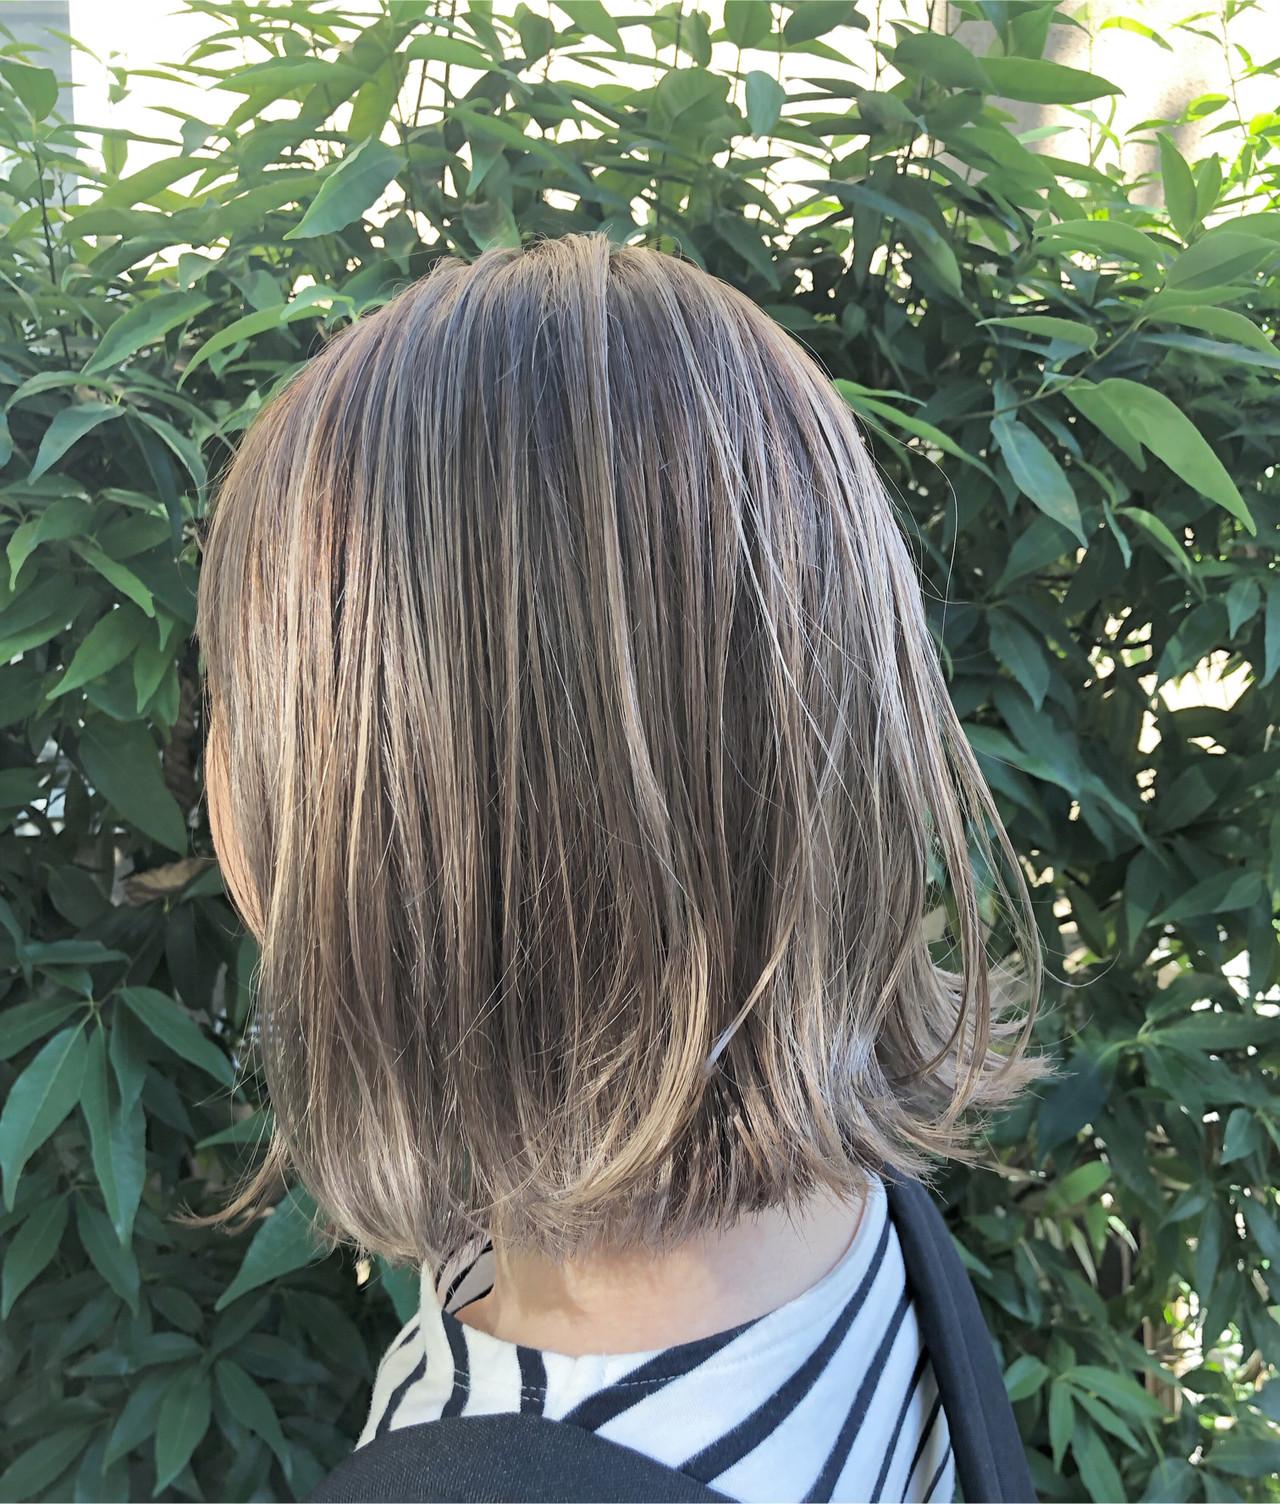 グラデーションカラー ユニコーンカラー ボブ インナーカラー ヘアスタイルや髪型の写真・画像 | RUMINA //高田ゆみこ / Rumina